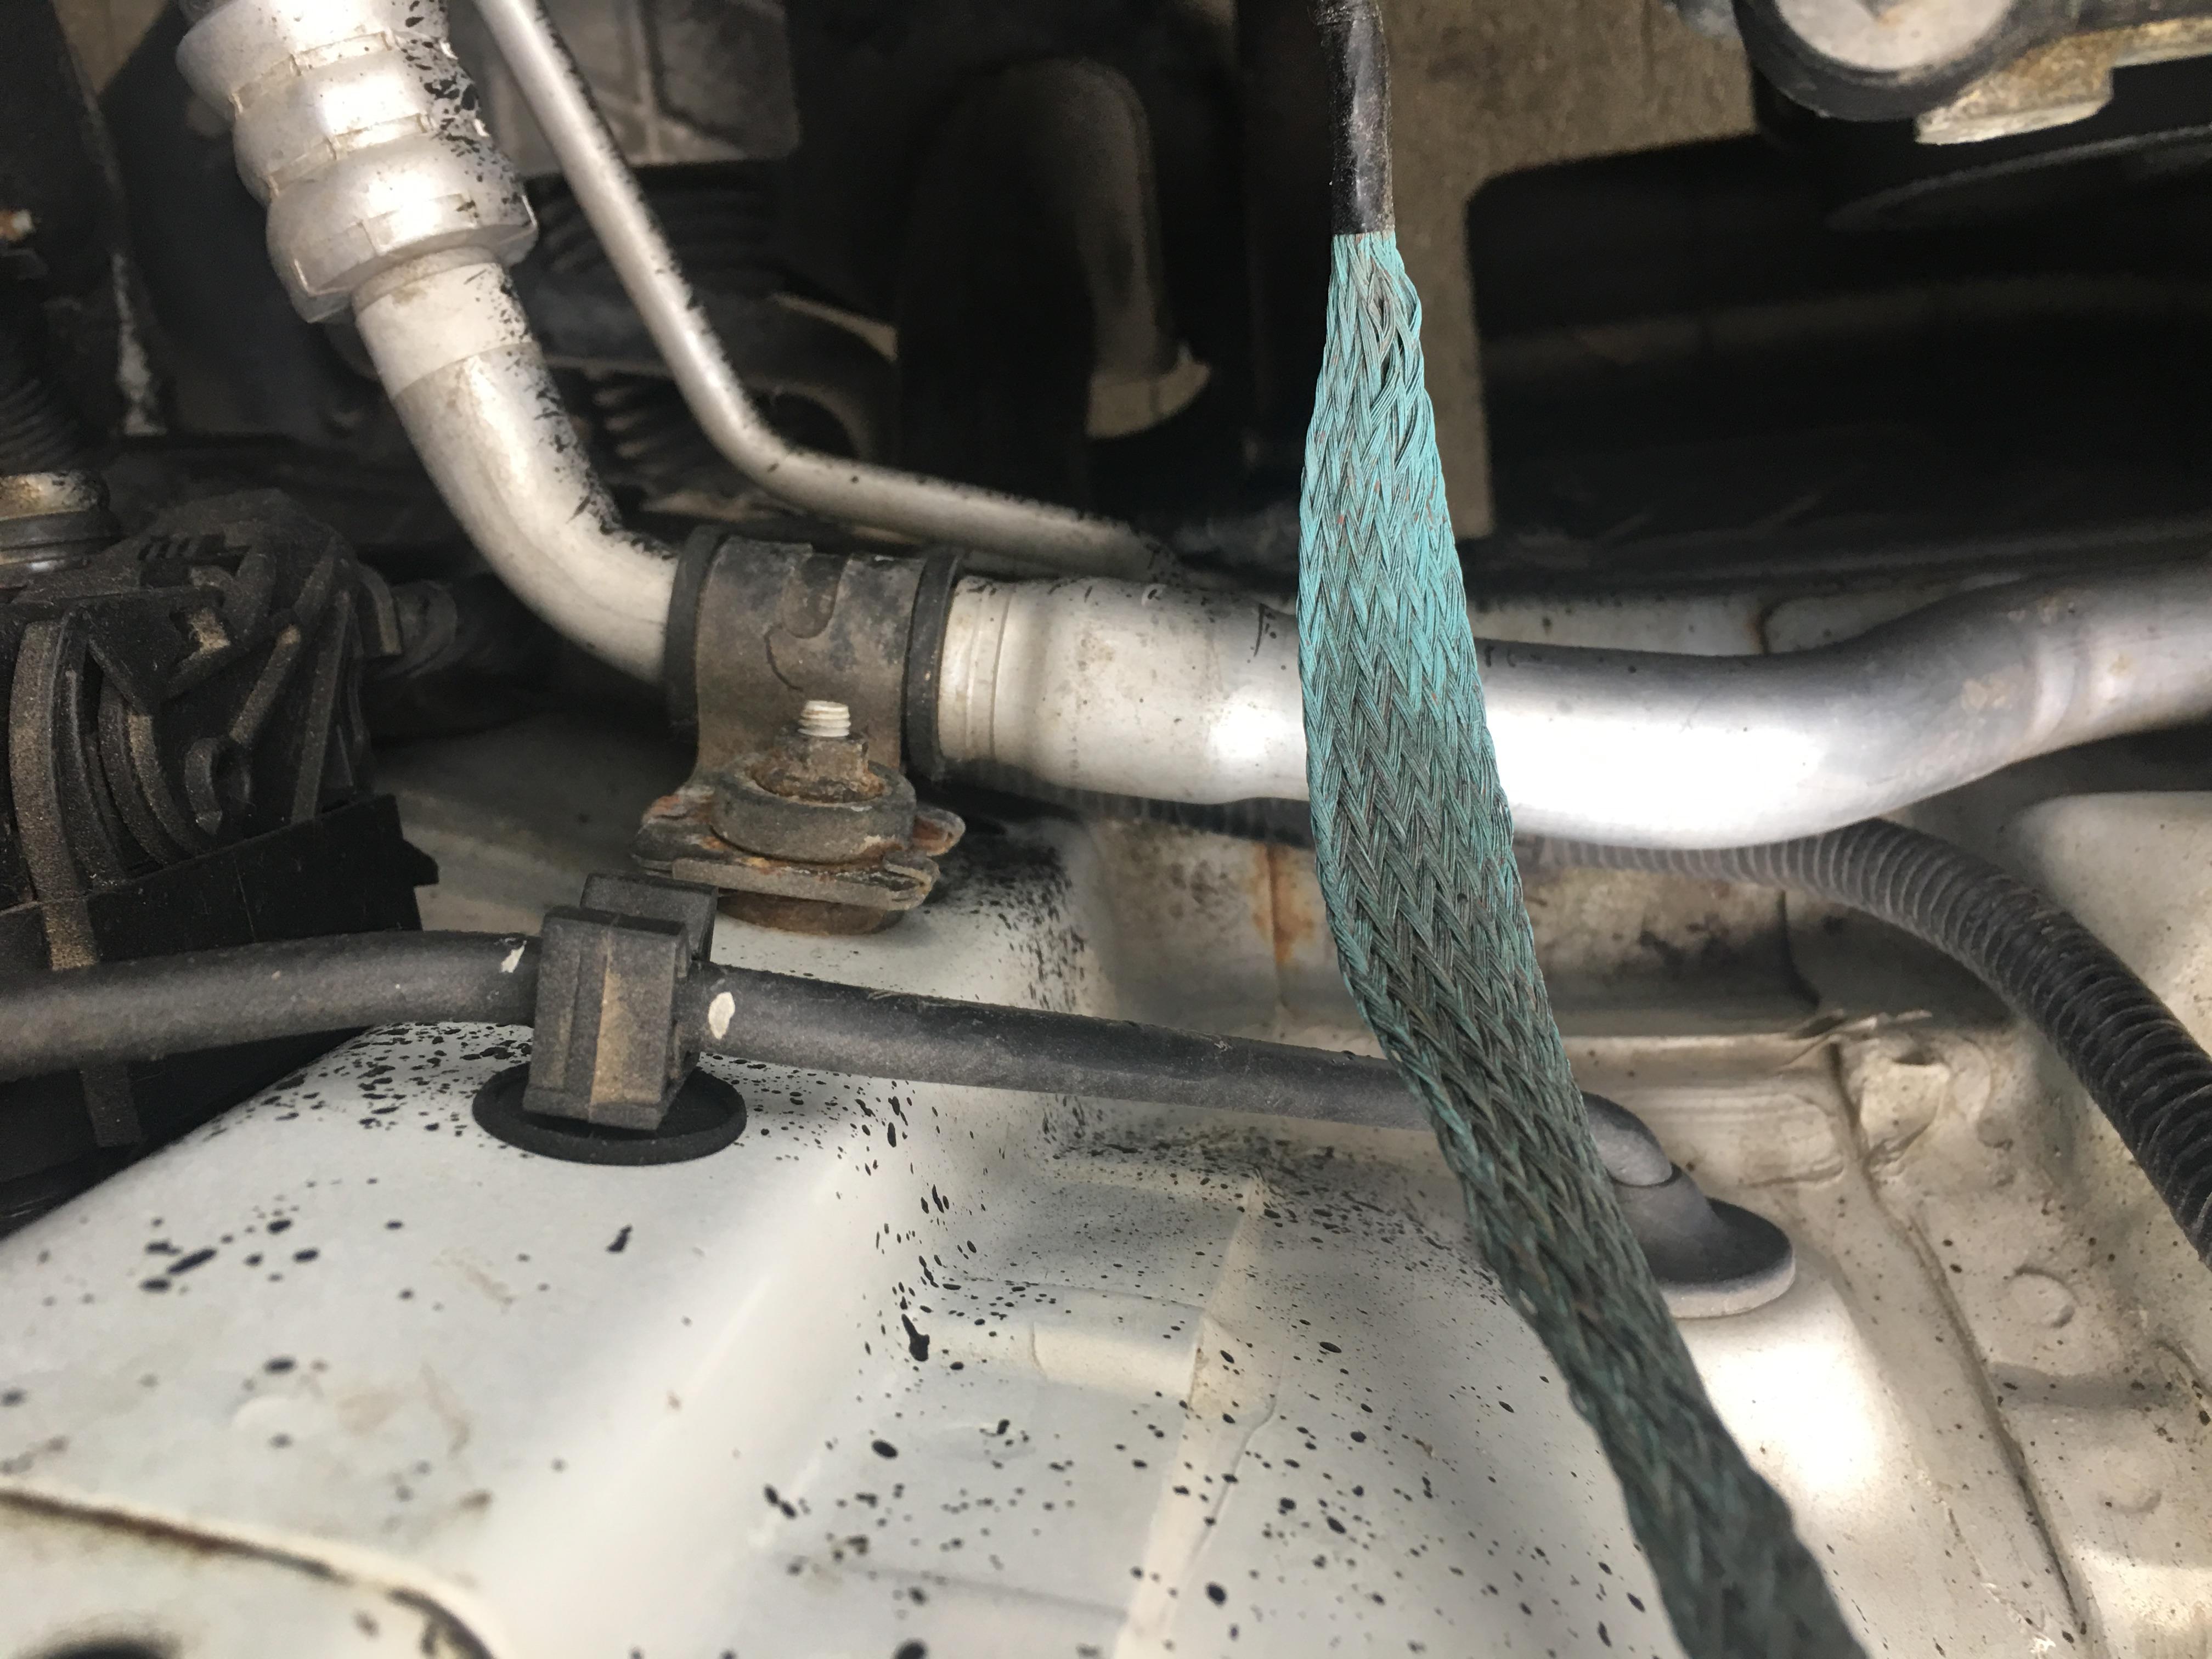 东风悦达起亚-KX CROSS 车身质量差,一年严重生锈,